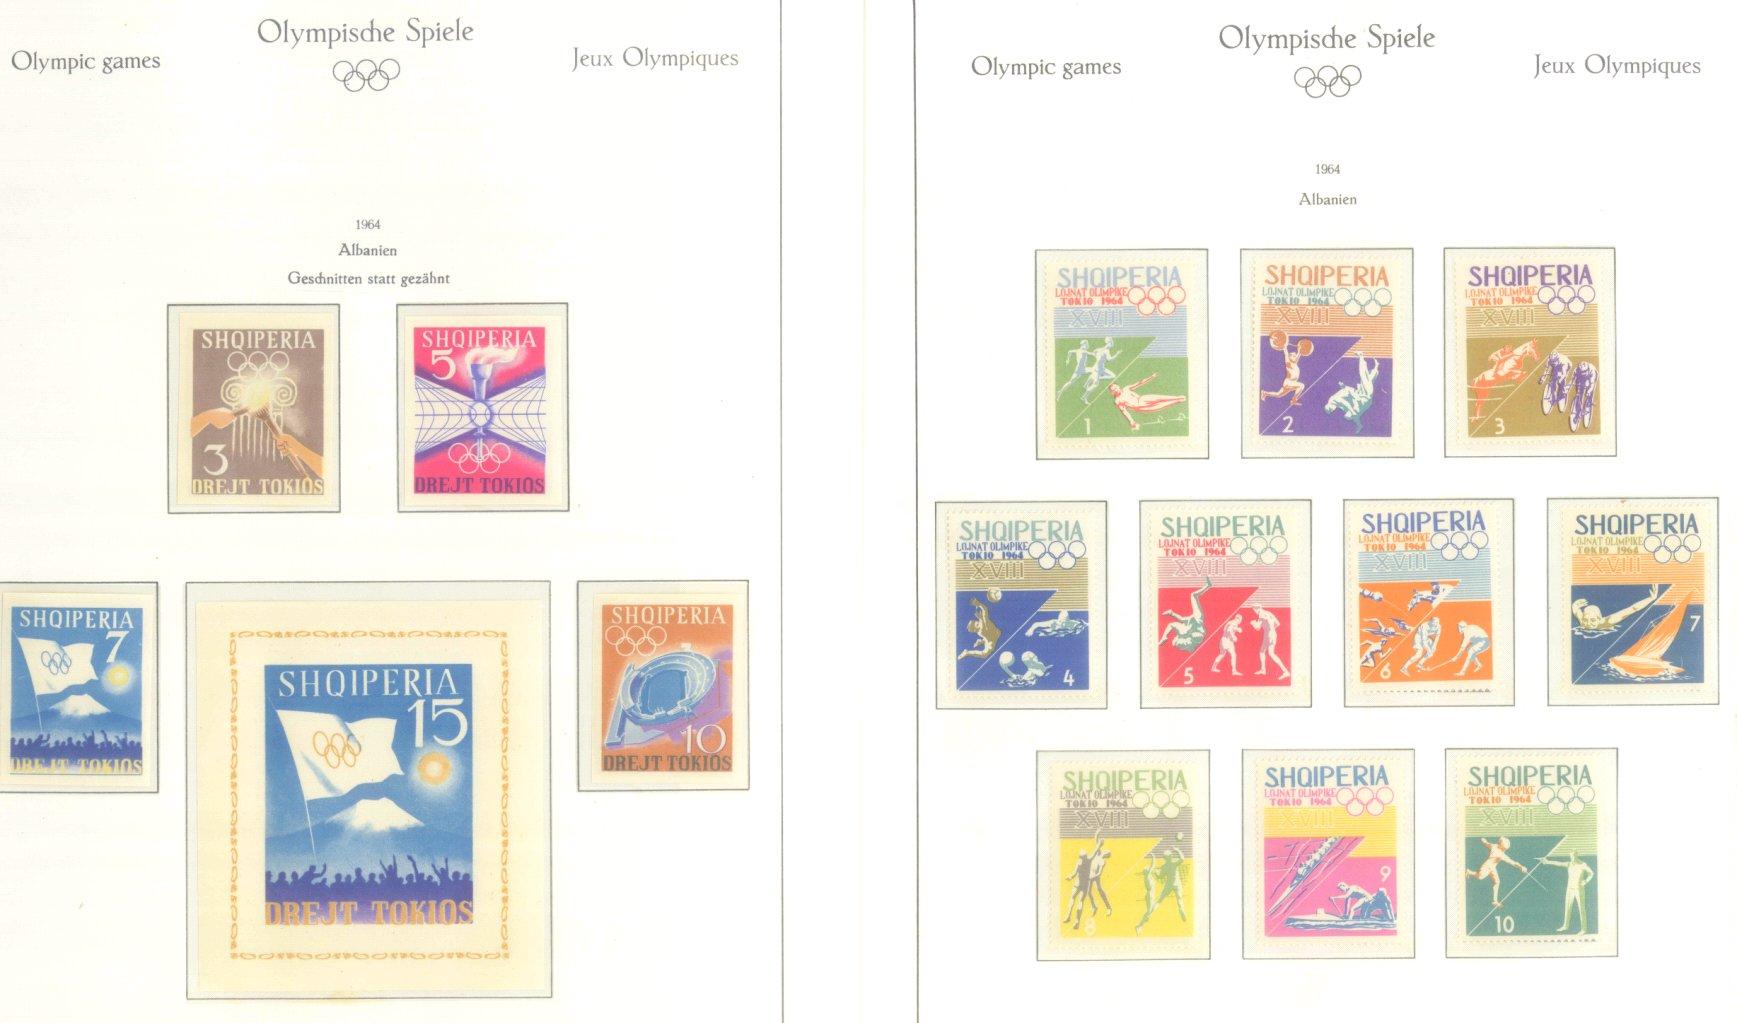 OLYMPISCHE SPIELE 1964 TOKIO, postfrische Sammlung Teil 1-55